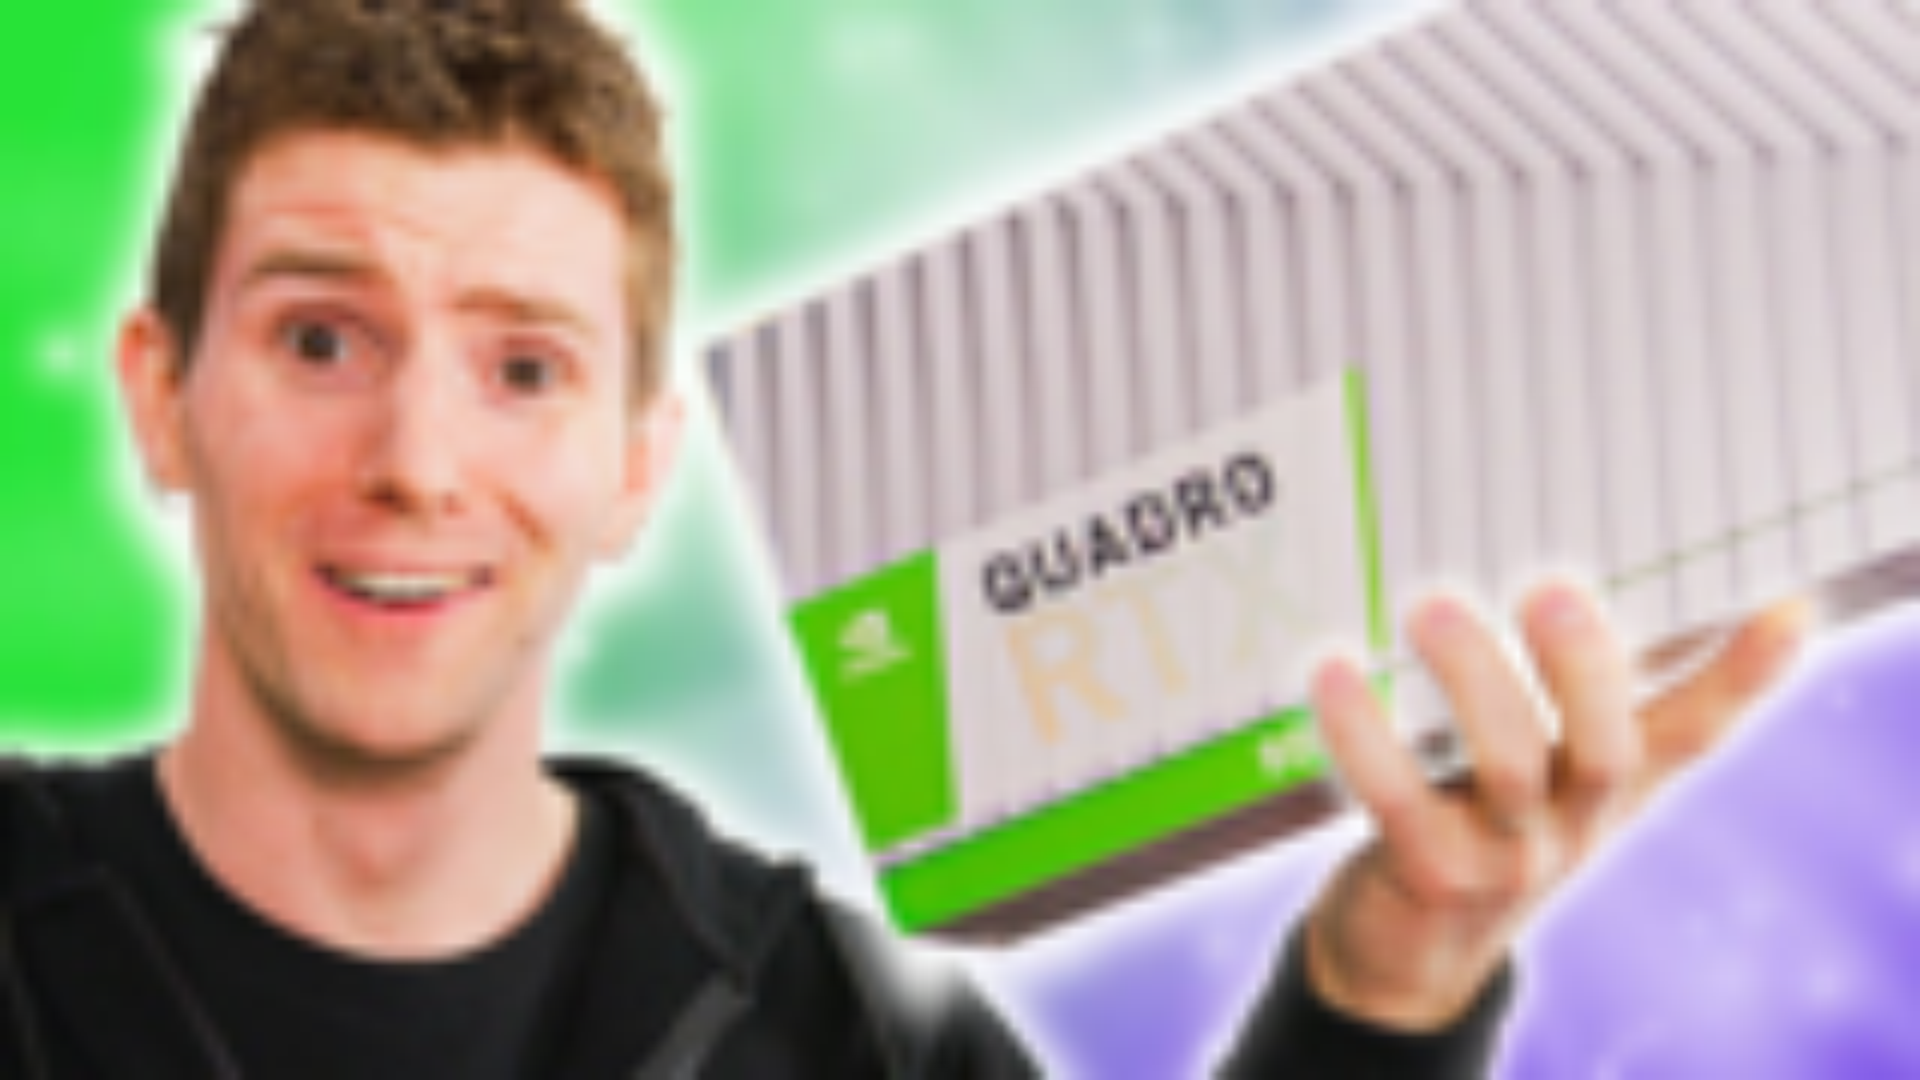 【官方双语】地表最强Quadro RTX 8000#linus谈科技